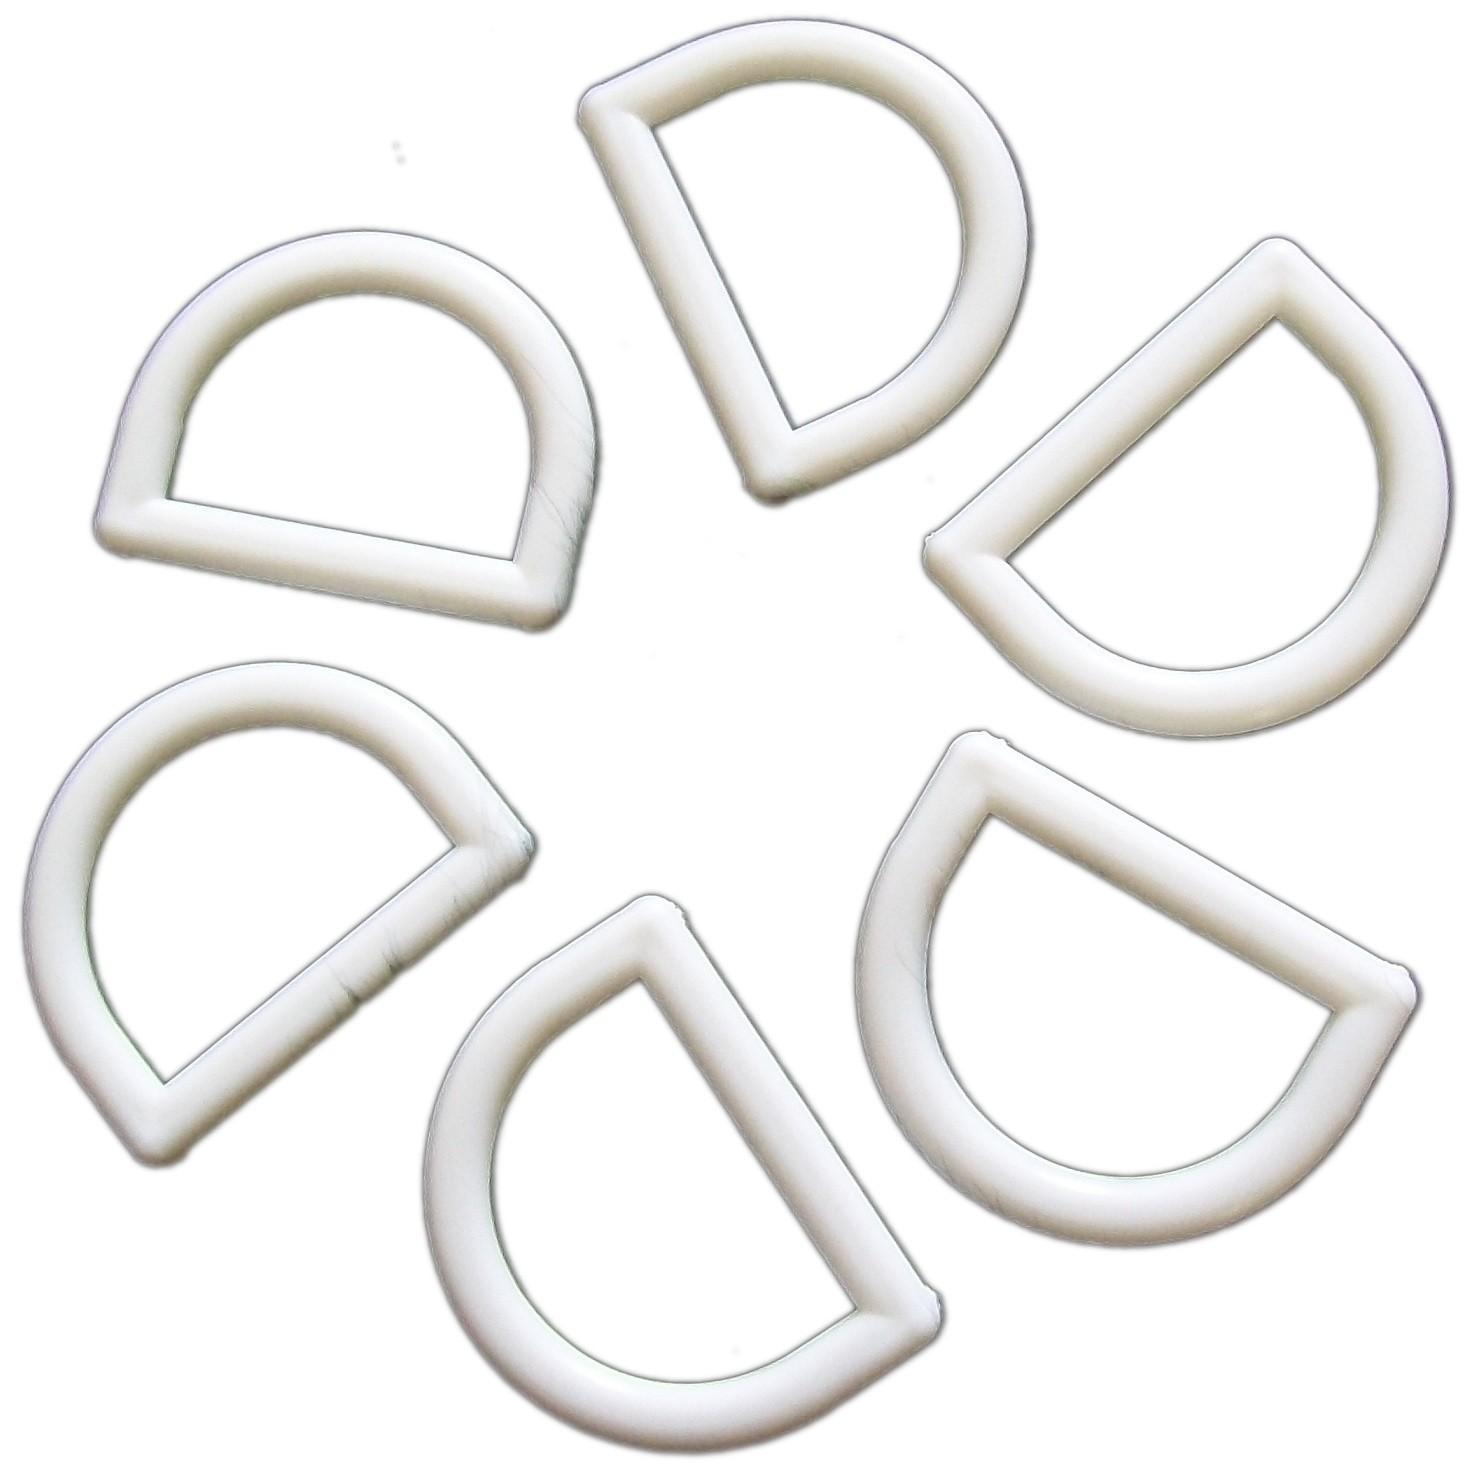 White Plastic D Rings 29mm Pack of 6